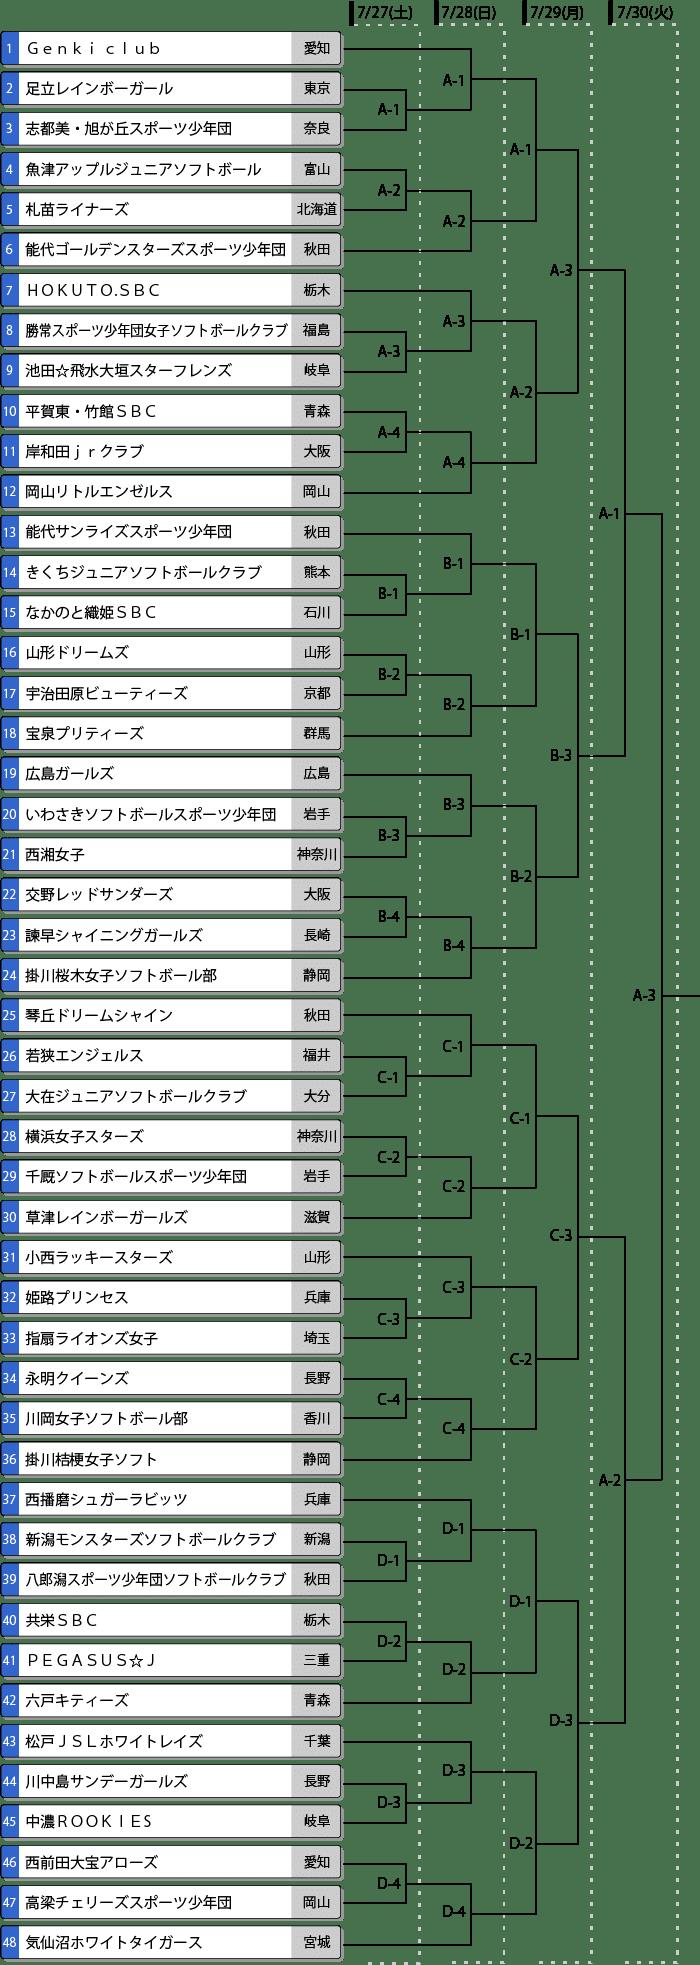 全日本小学生女子大会組み合わせ表